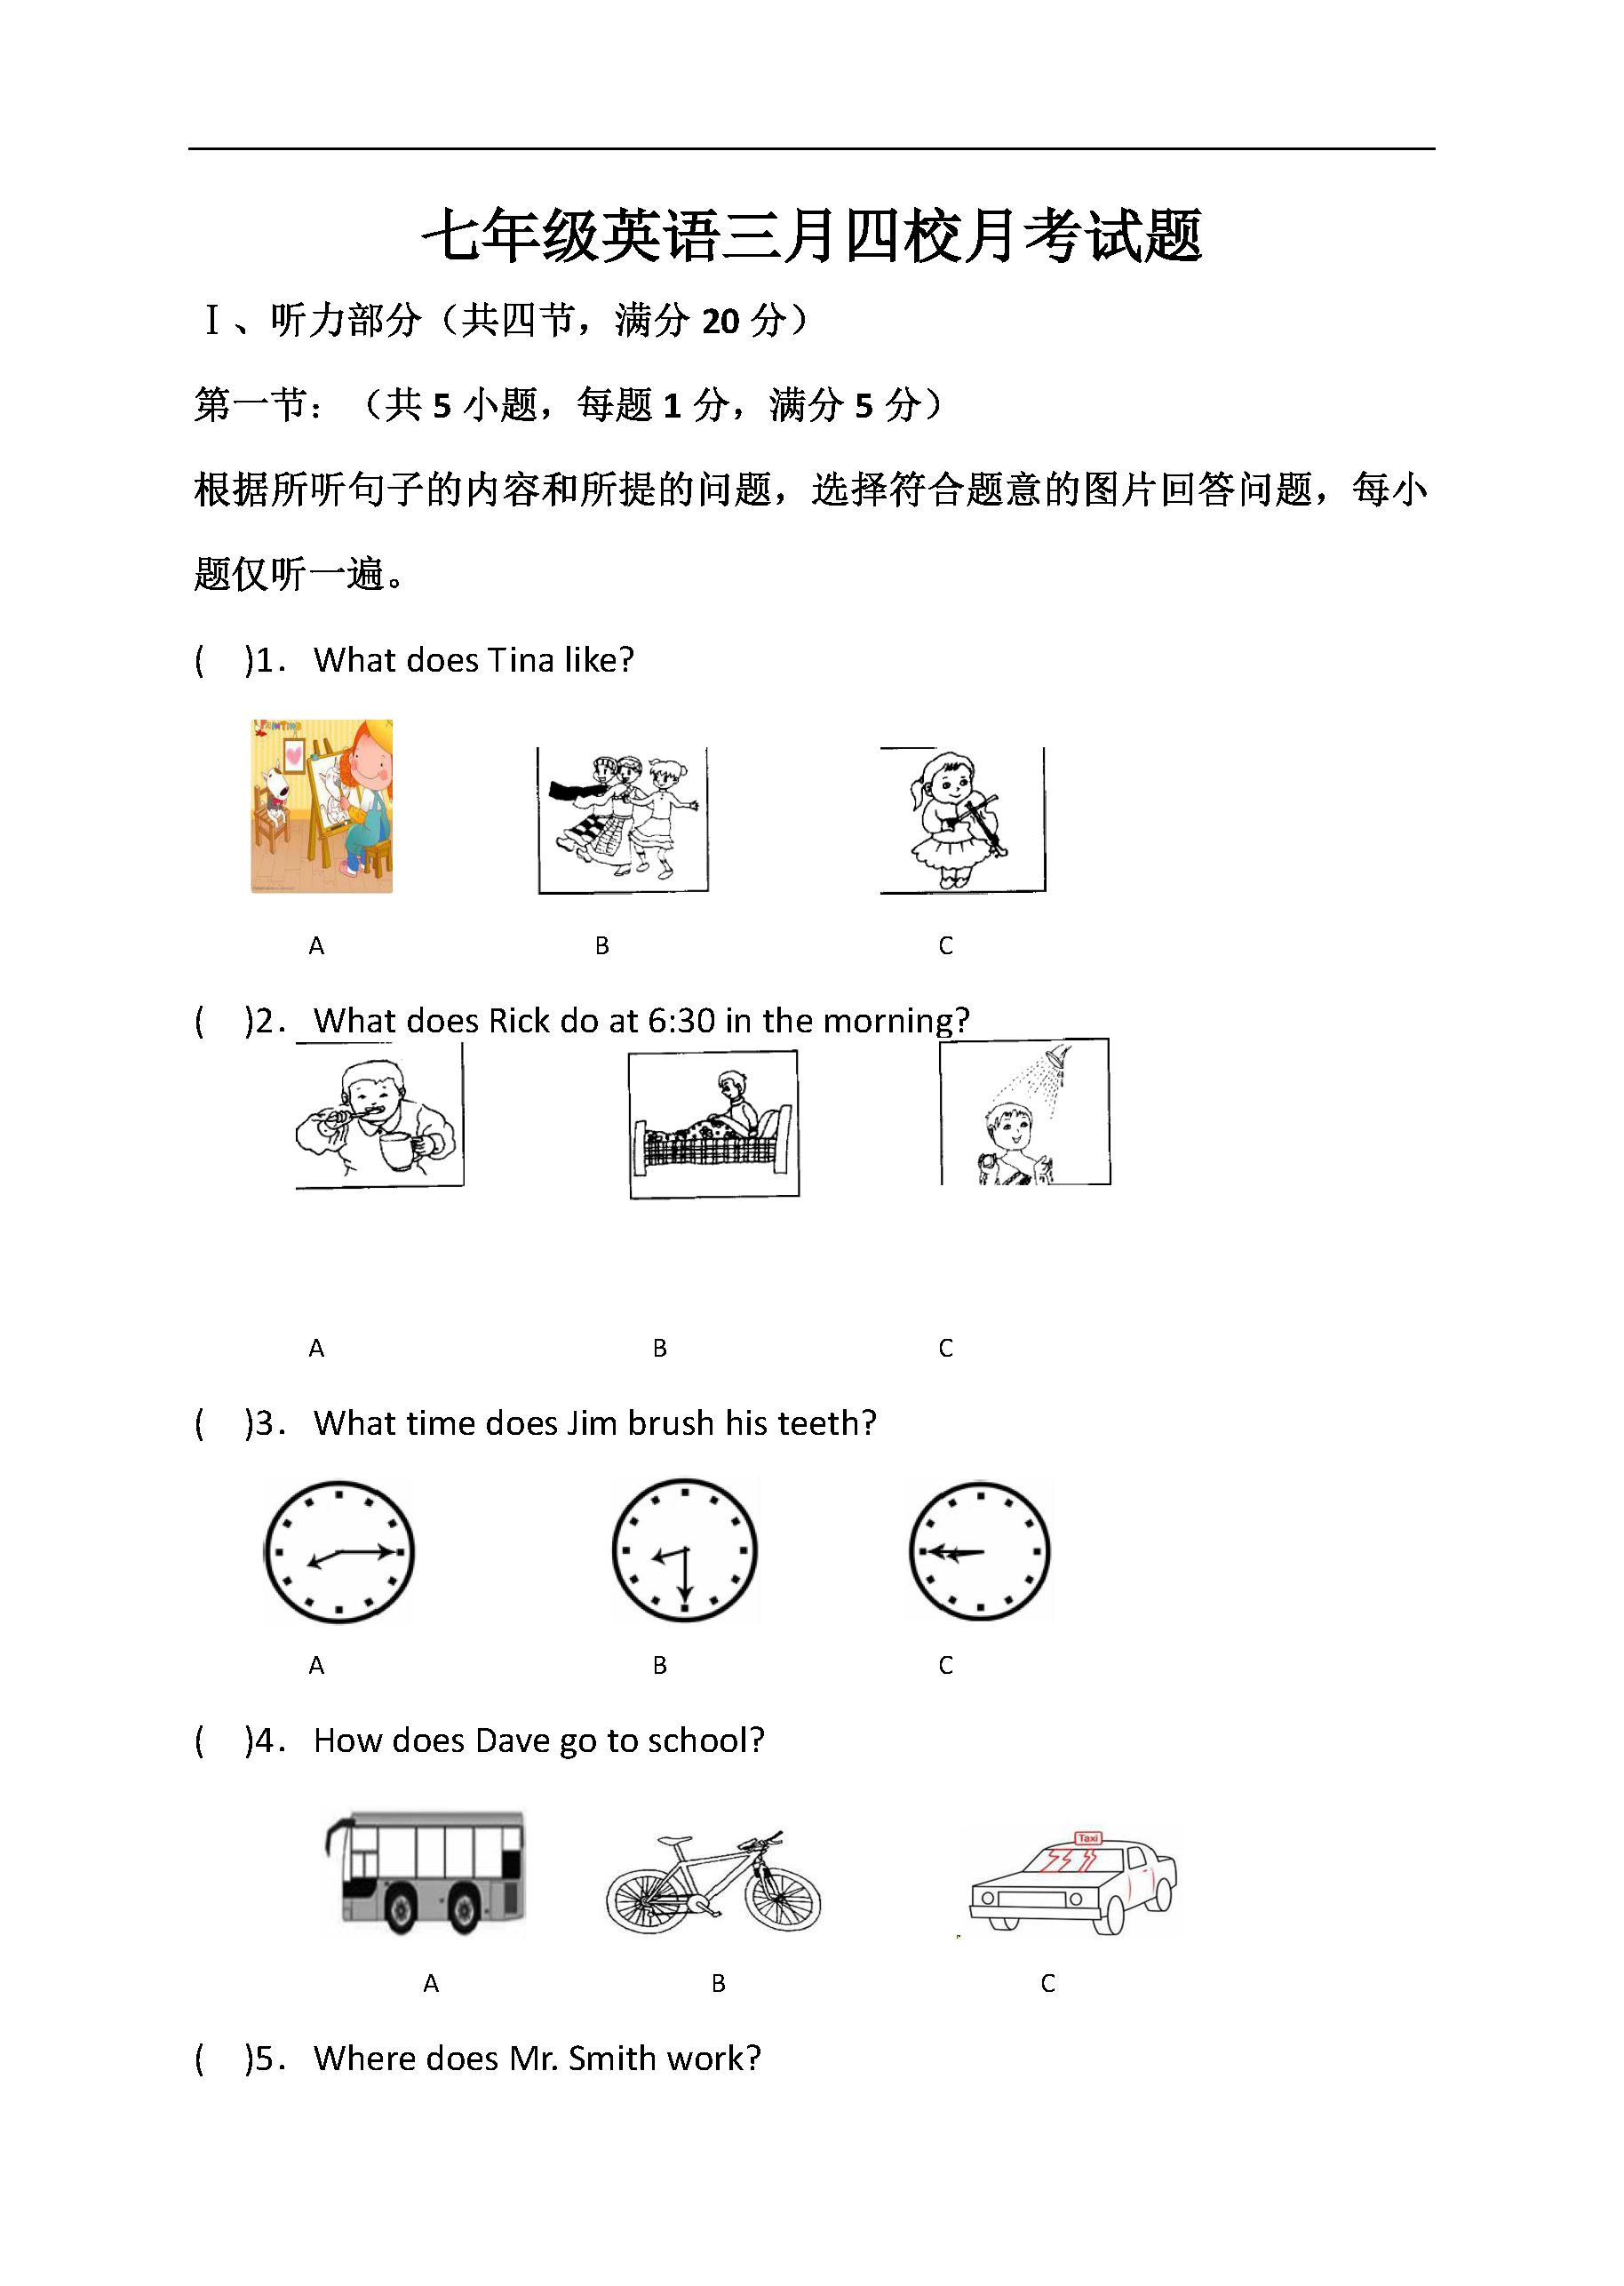 2017湖北武汉侏儒山街四校七年级3月月考英语试题(图片版)